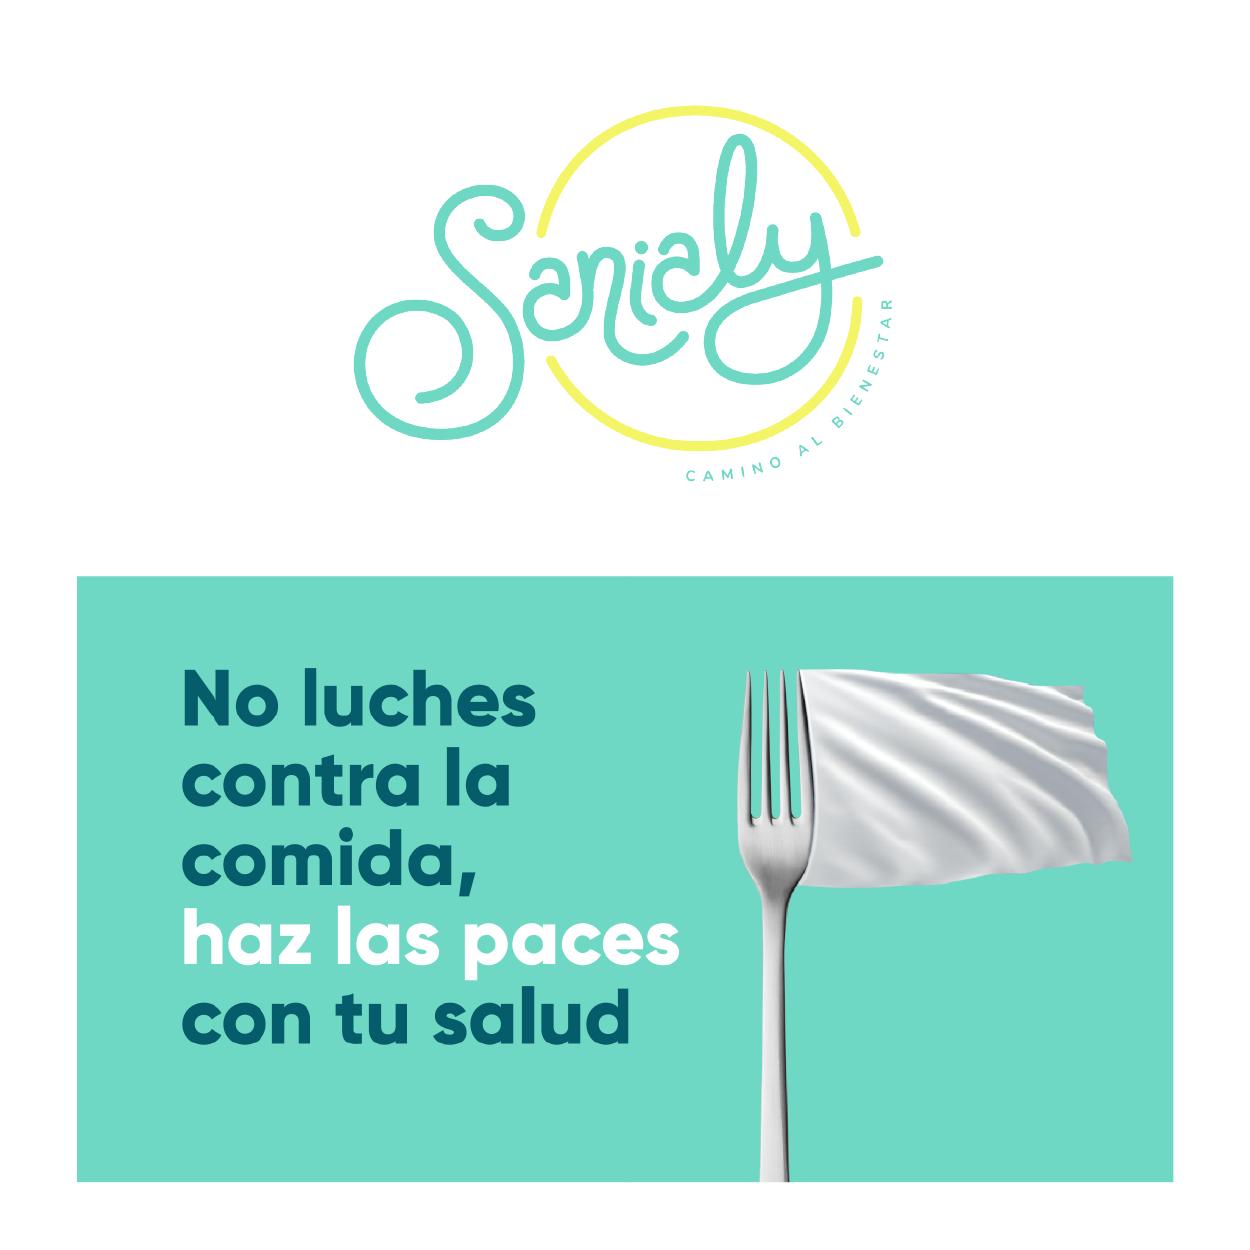 ejemplo-arquetipo-marca-inocente_Sanialy